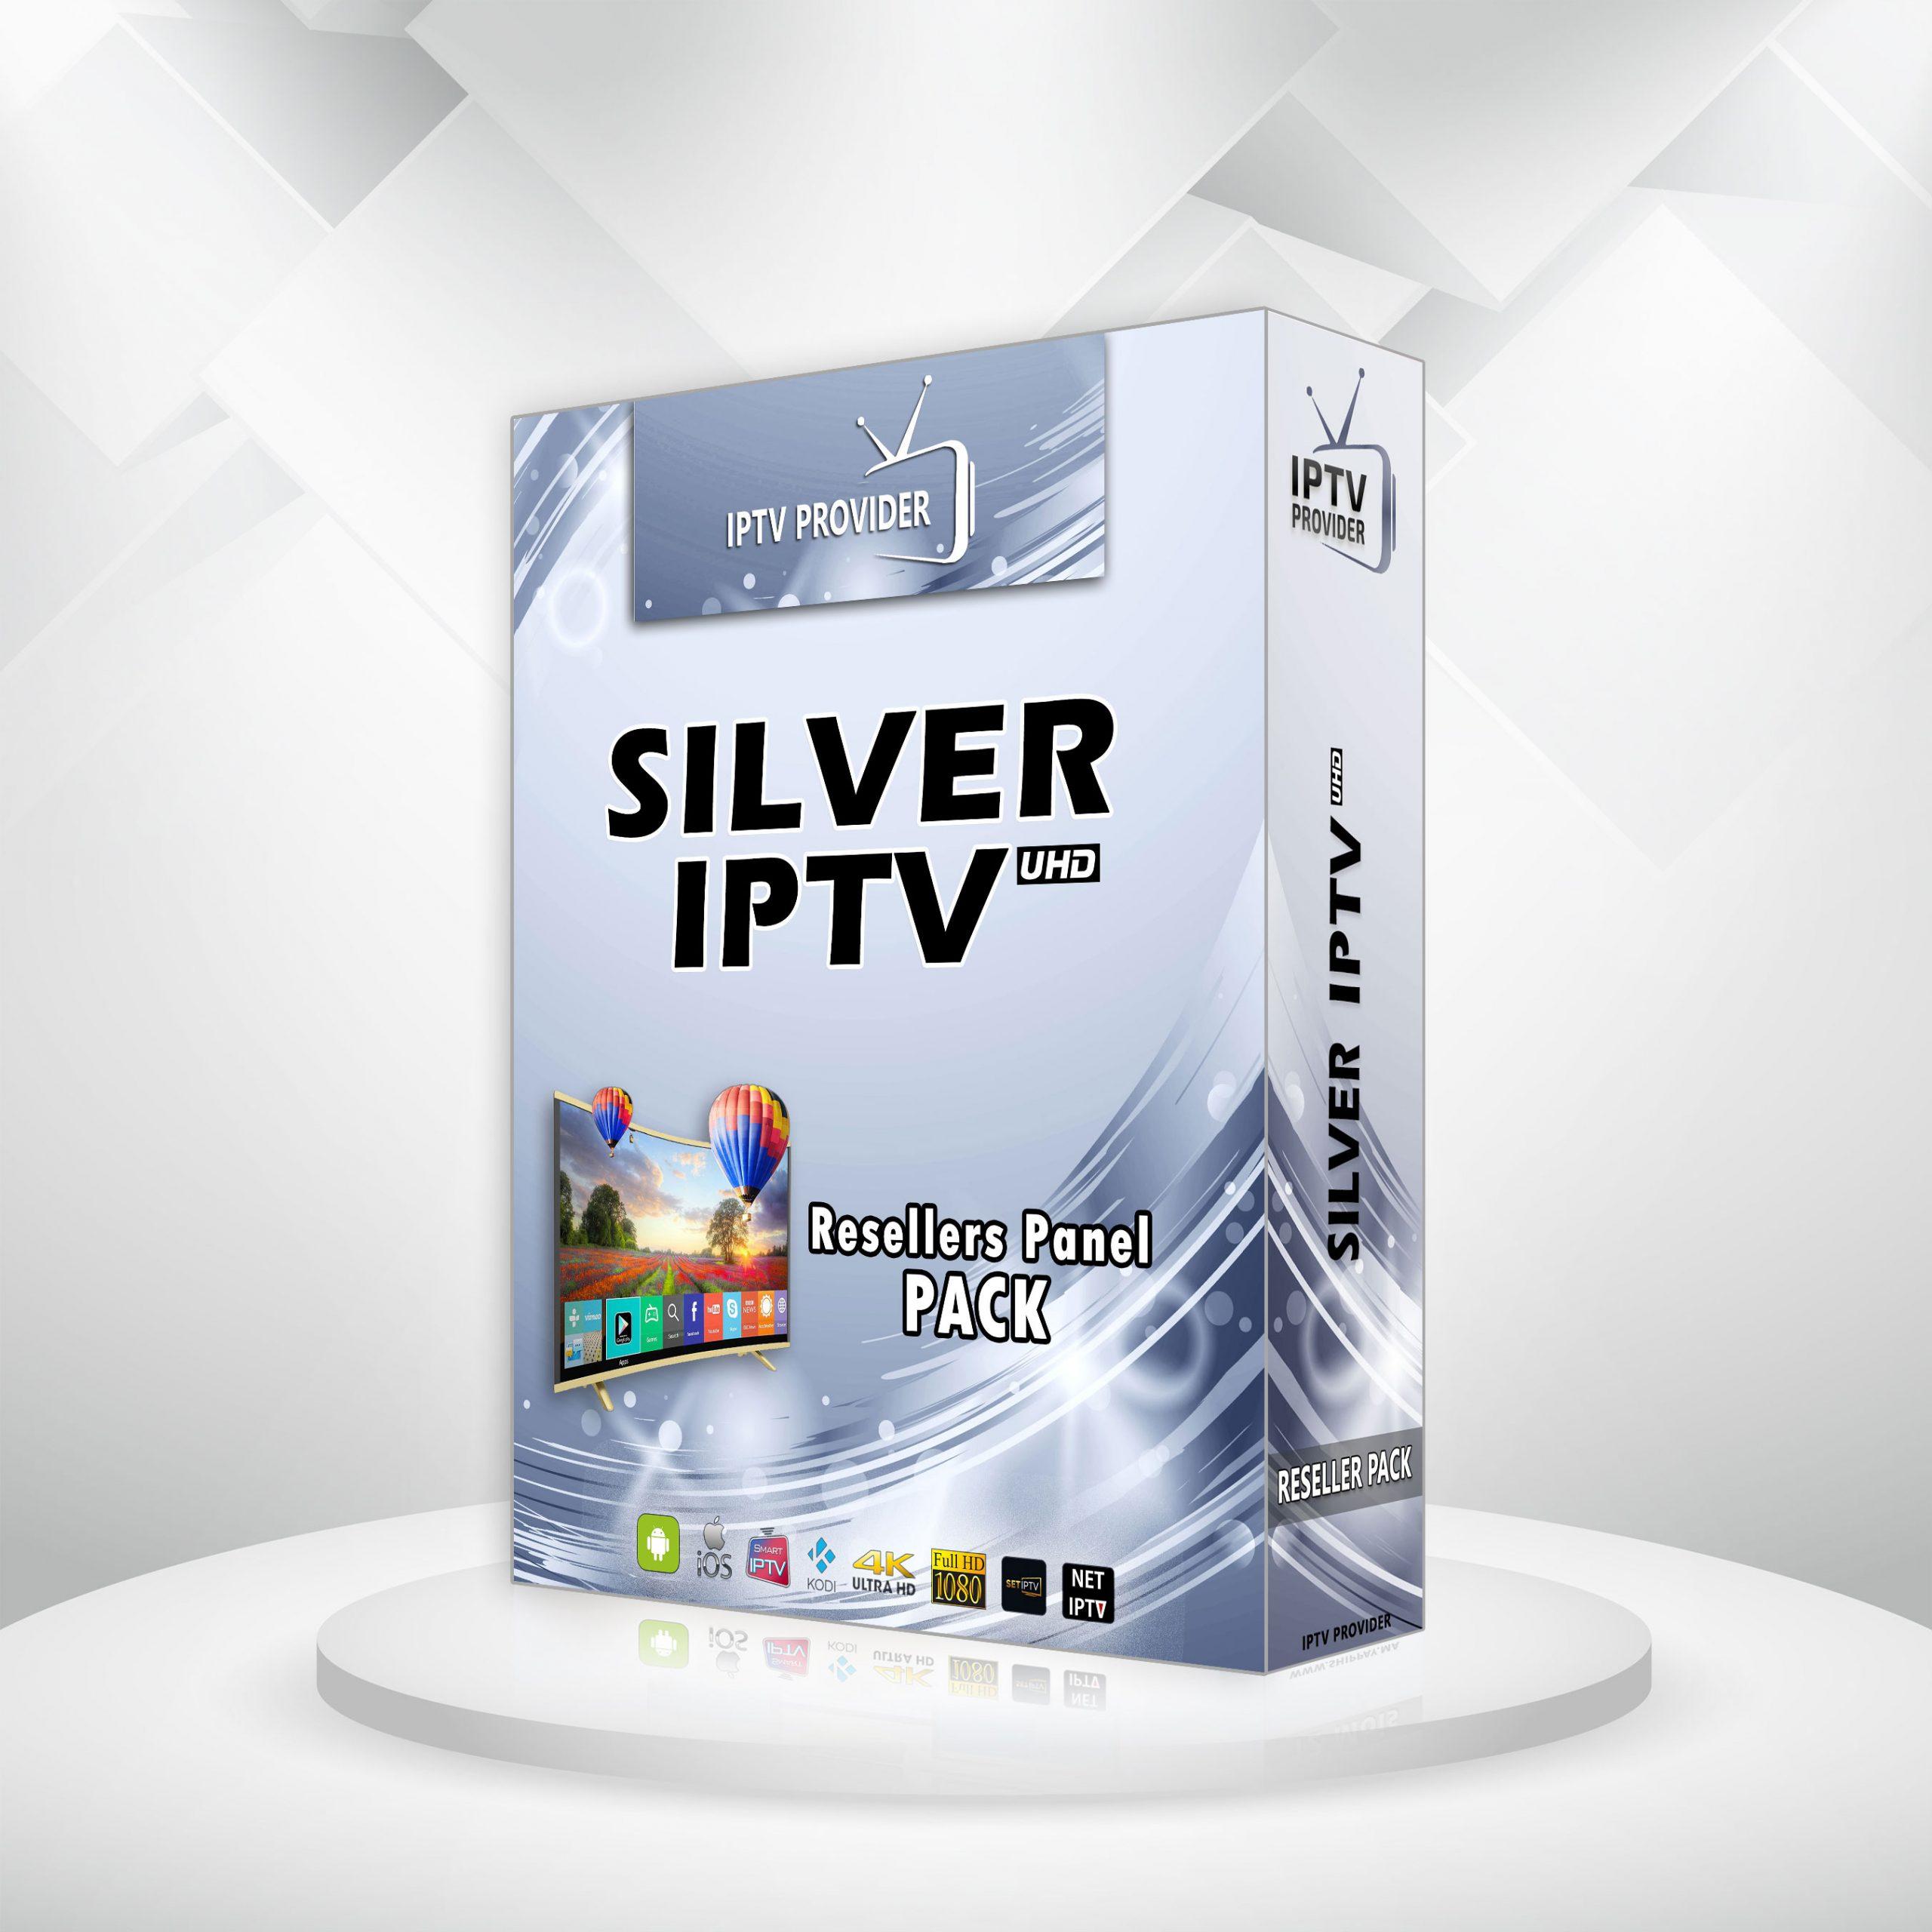 IPTVjpg